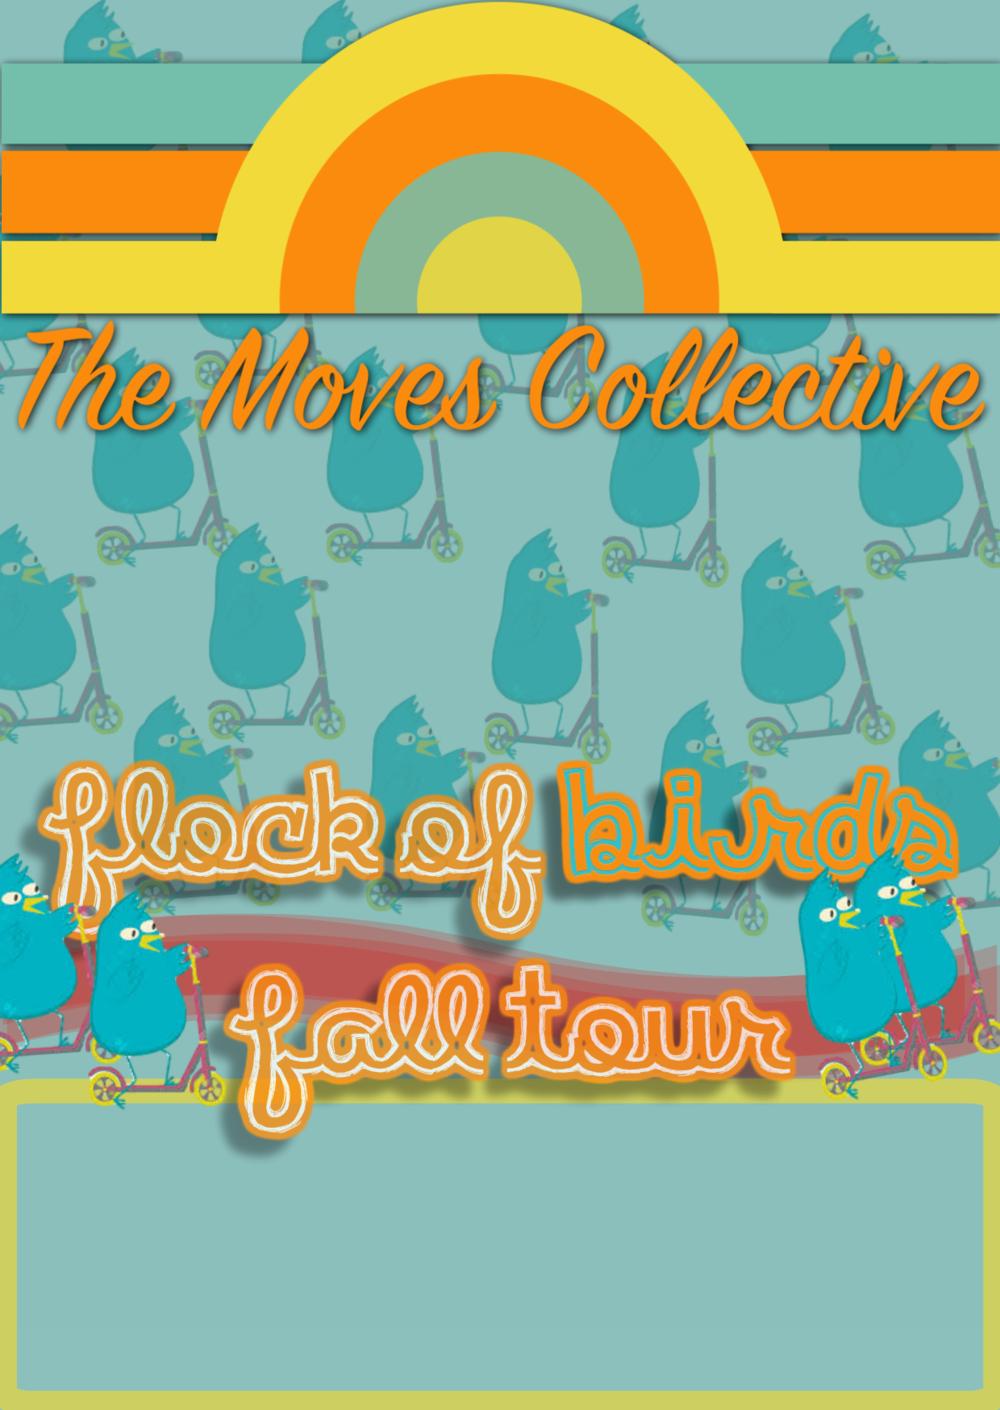 Flock_of_birds_tour_poster_ADMAT_v3.png